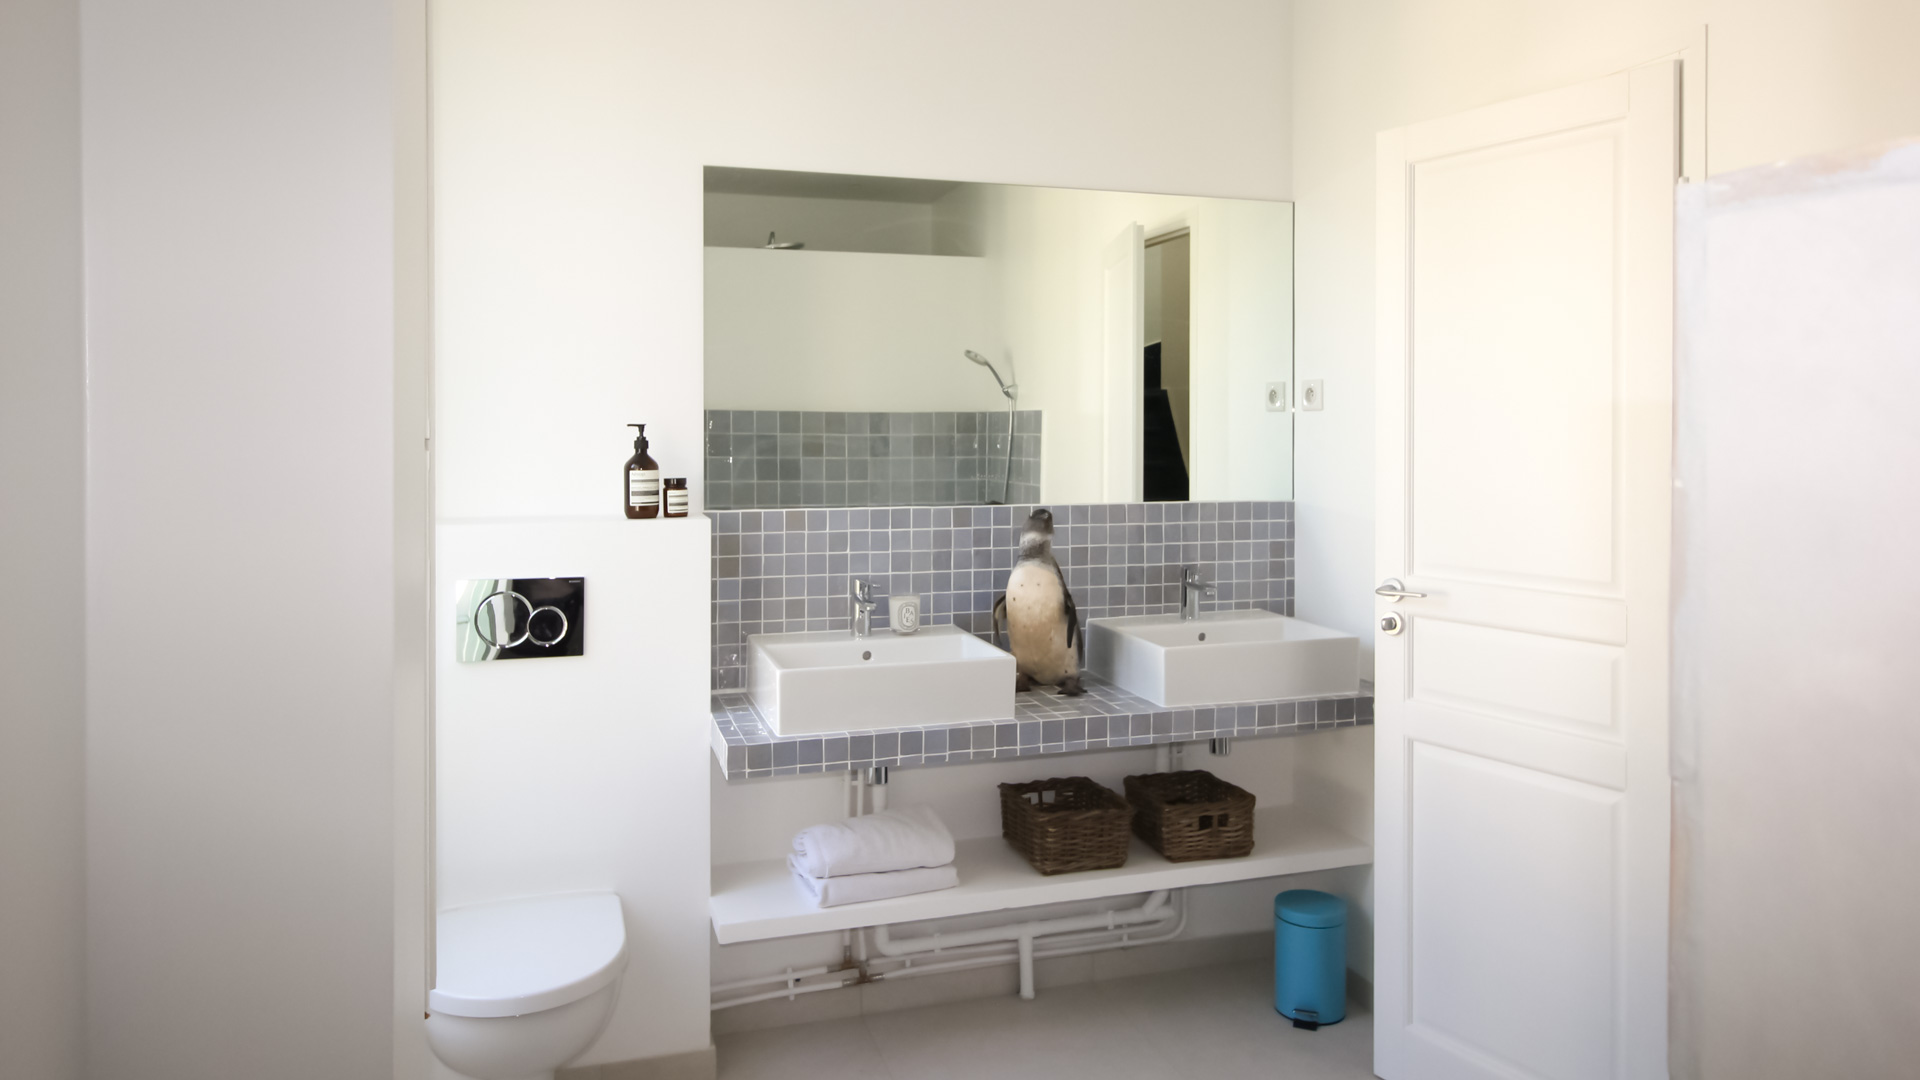 Maison fontenay sous bois julie delacommune - Salle de bains enfant ...